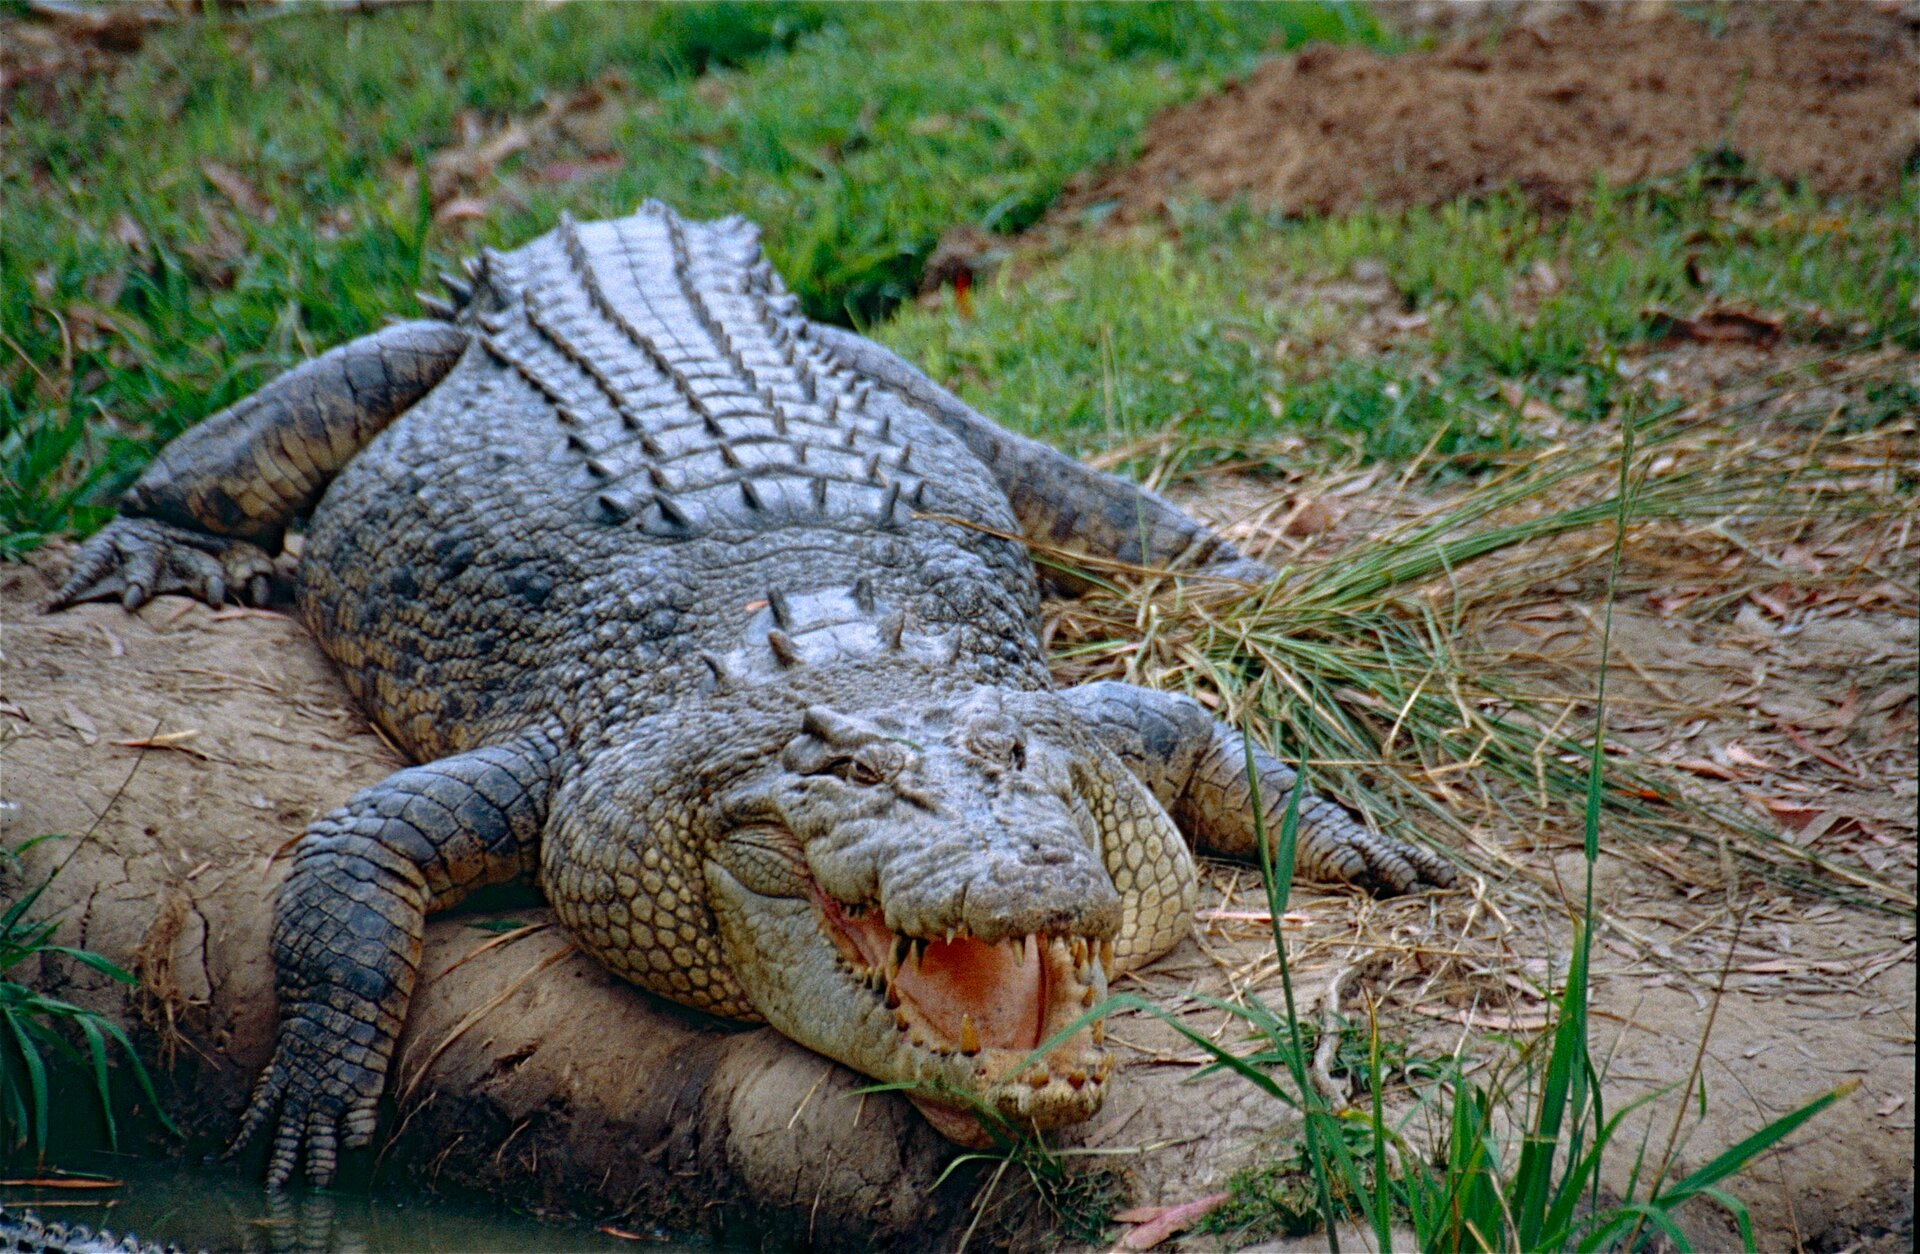 Fotografia przedstawia zielonego krokodyla, leżącego na trawie. Ma uniesioną górną szczękę. Na brzegach różowej paszczy liczne zęby. Ciało pokryte tarczkami, wypukłymi na grzbiecie wkilku rzędach, na ogonie jeden rząd ostrych wyrostków.